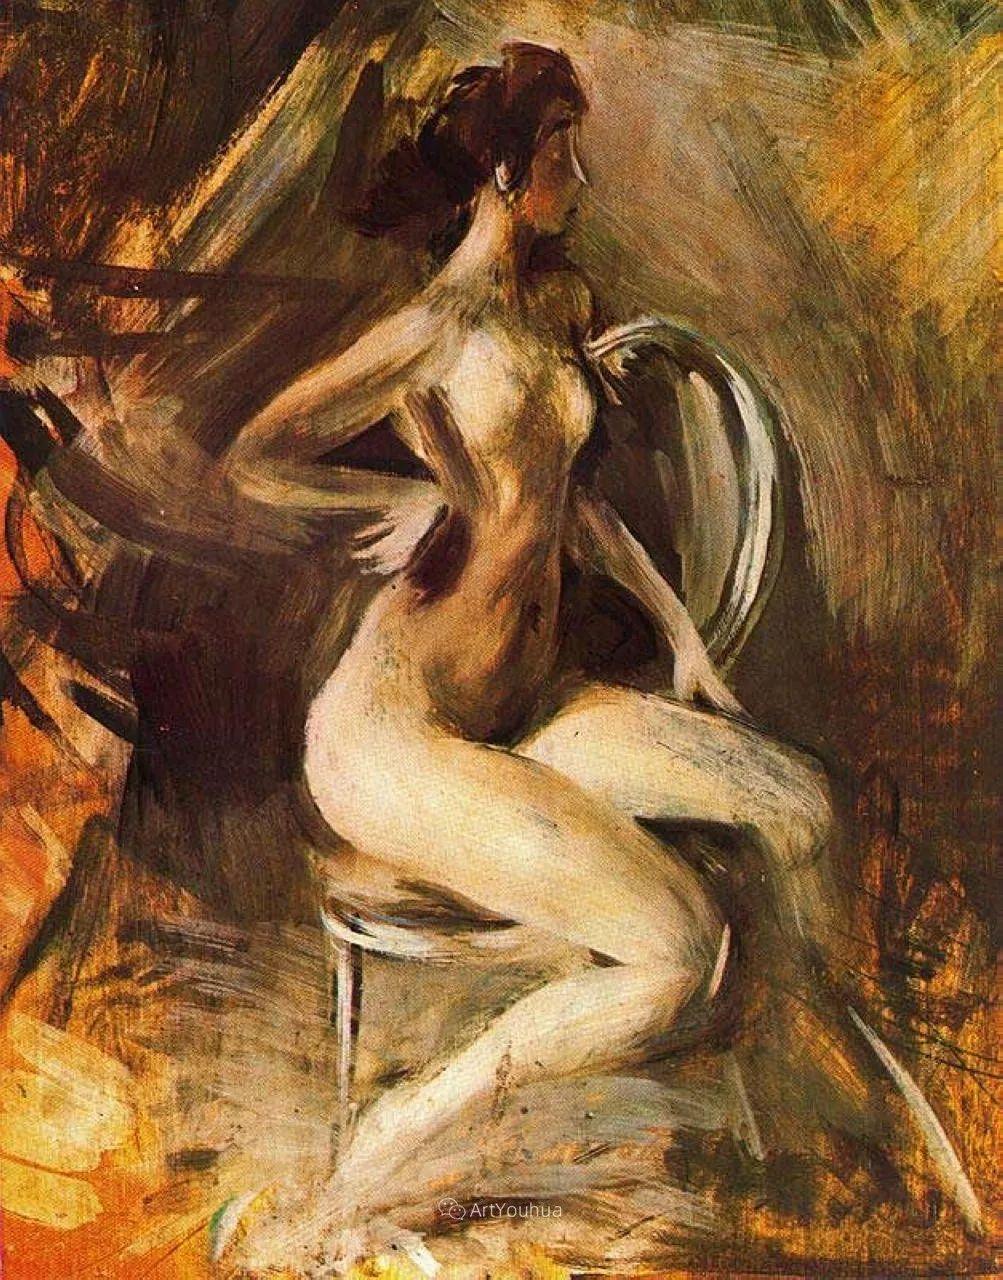 两种不同画风的美女,你喜欢哪一种!意大利画家Giovanni Boldini作品集插图6